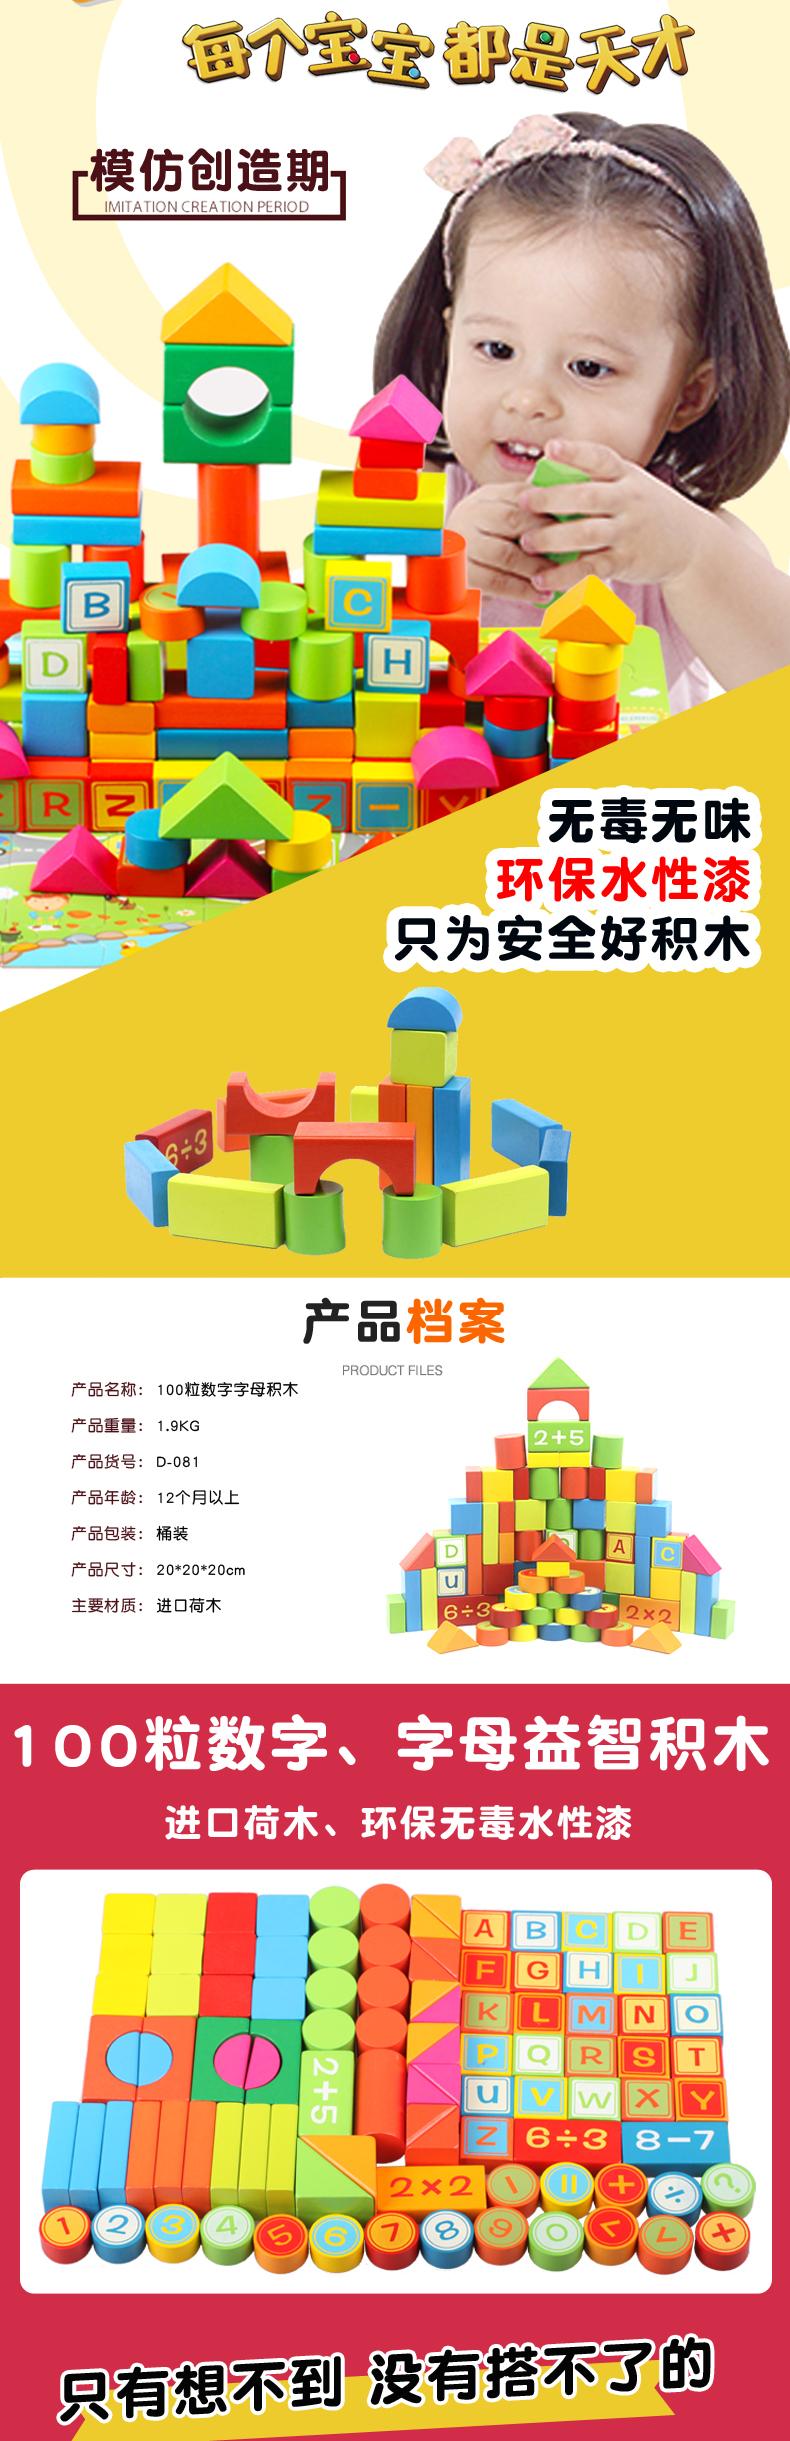 草莓木玩玩具专营店_New wood city/新木城品牌产品评情图